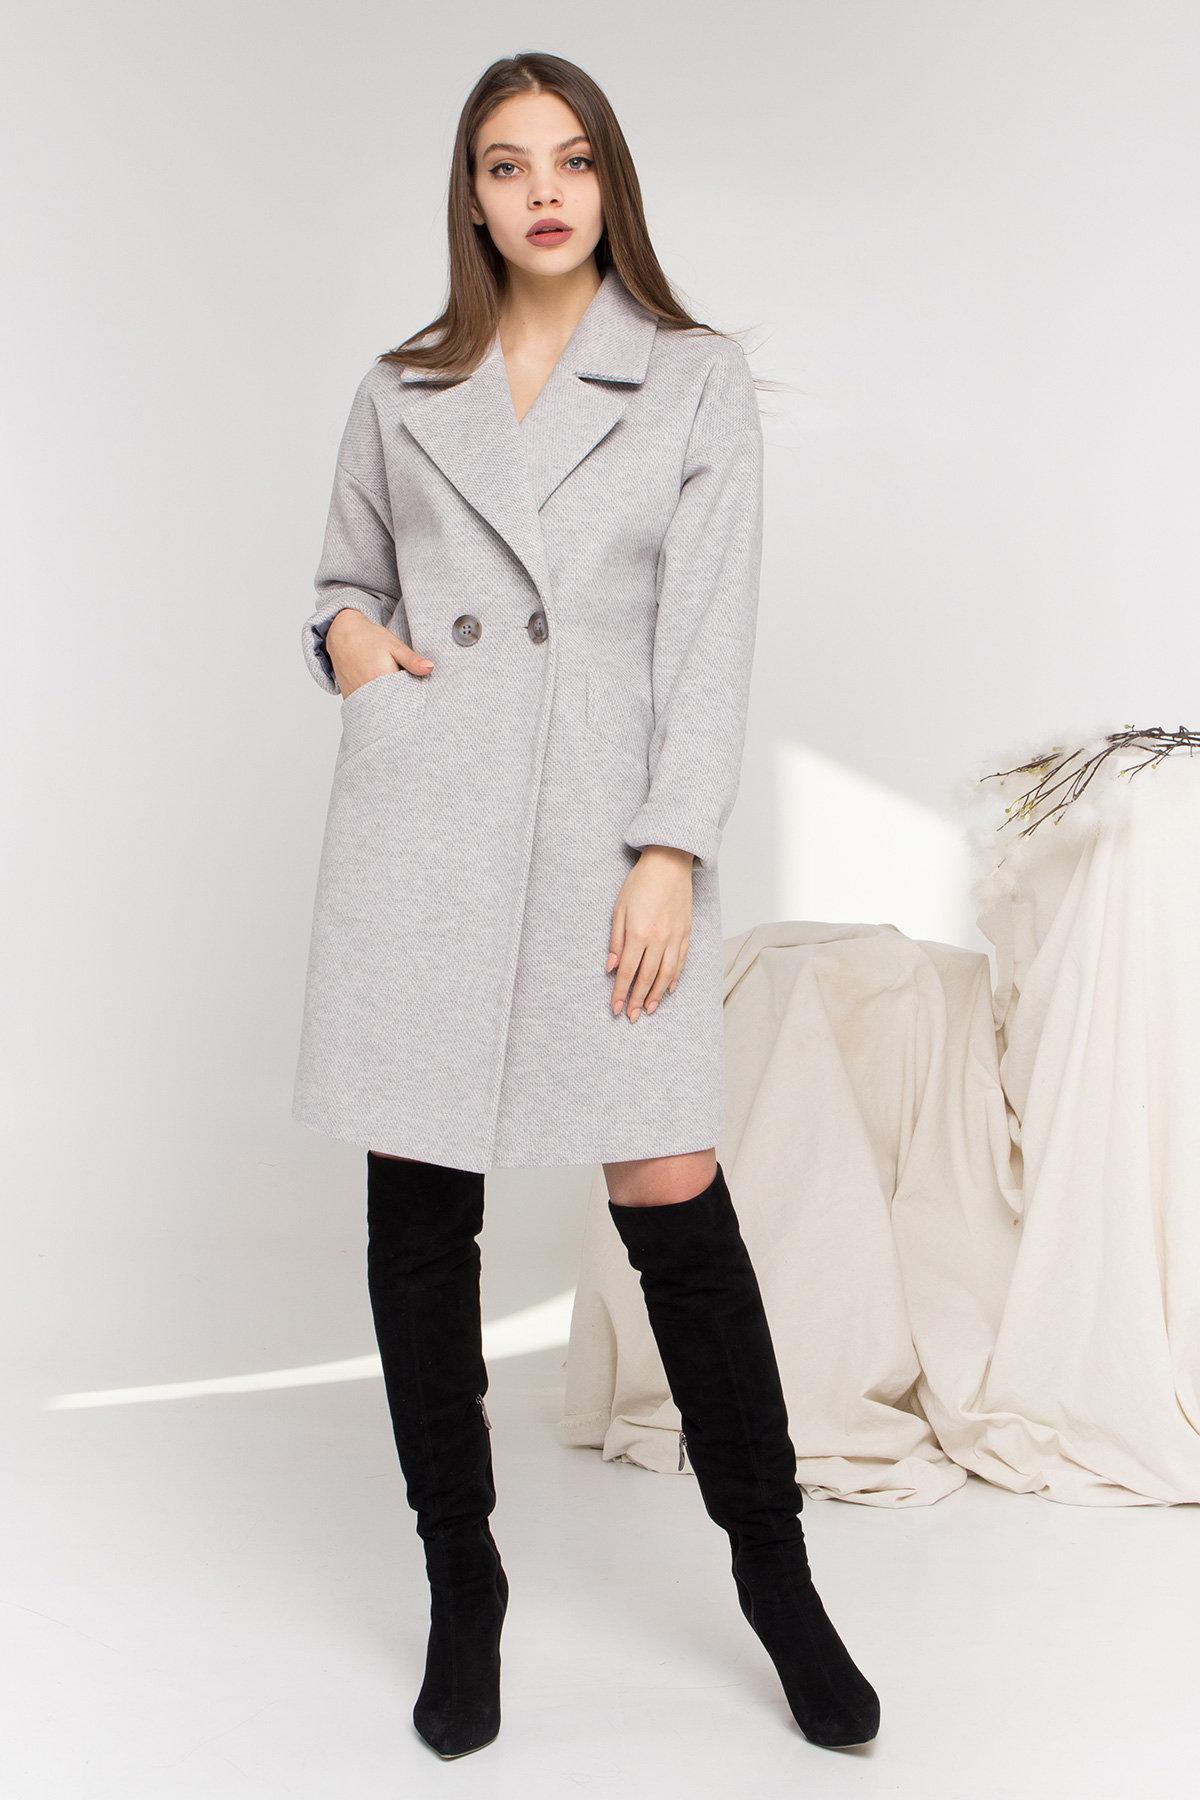 Демисезонное двубортное пальто Сенсей 8845 АРТ. 45170 Цвет: Светло серый - фото 1, интернет магазин tm-modus.ru